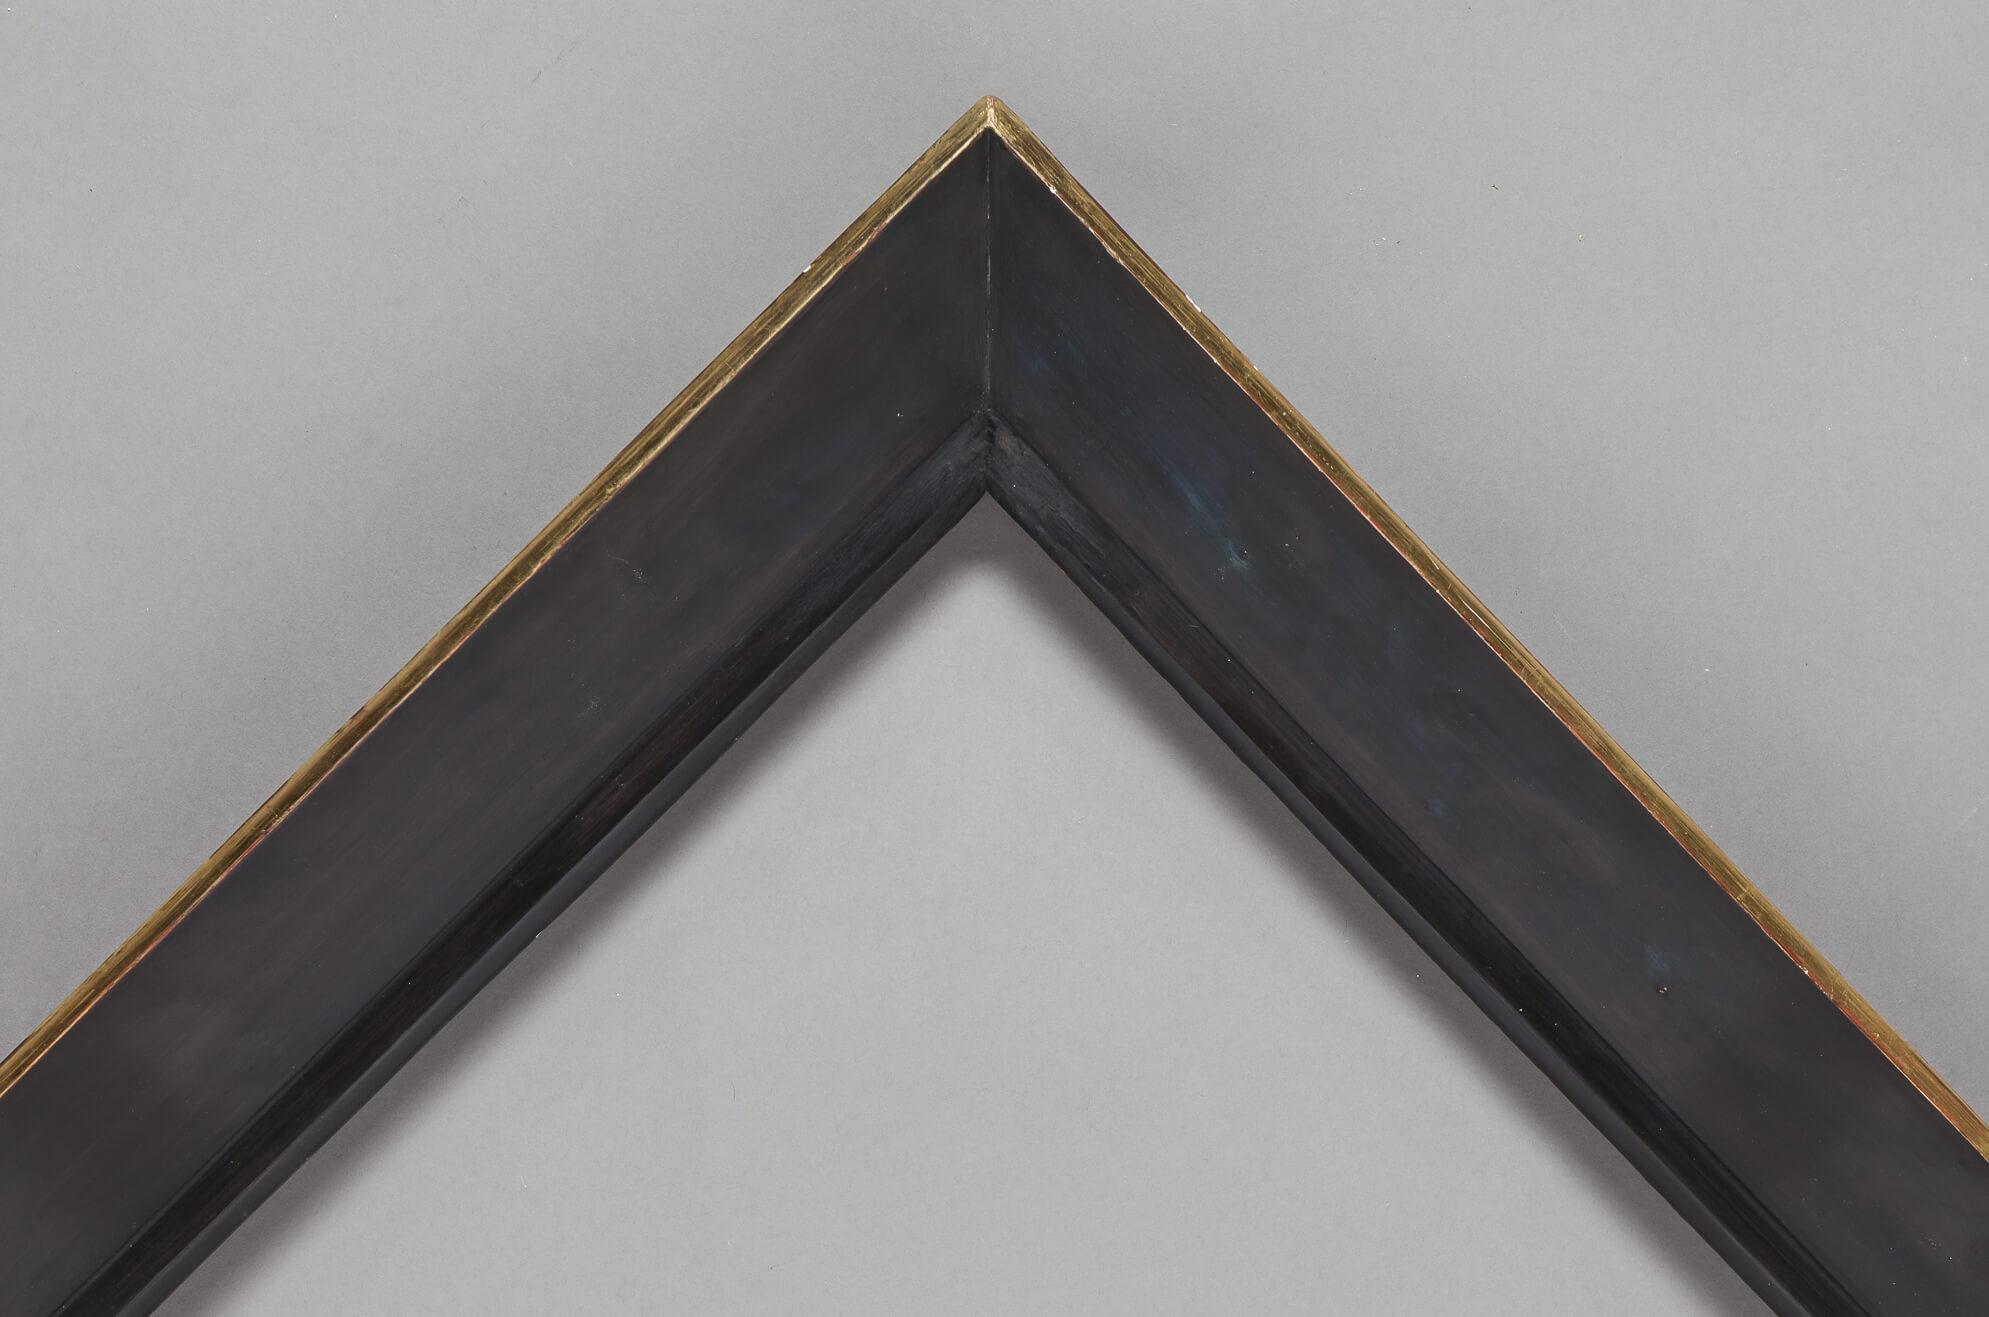 Angula Frame with Top Gilded Edge